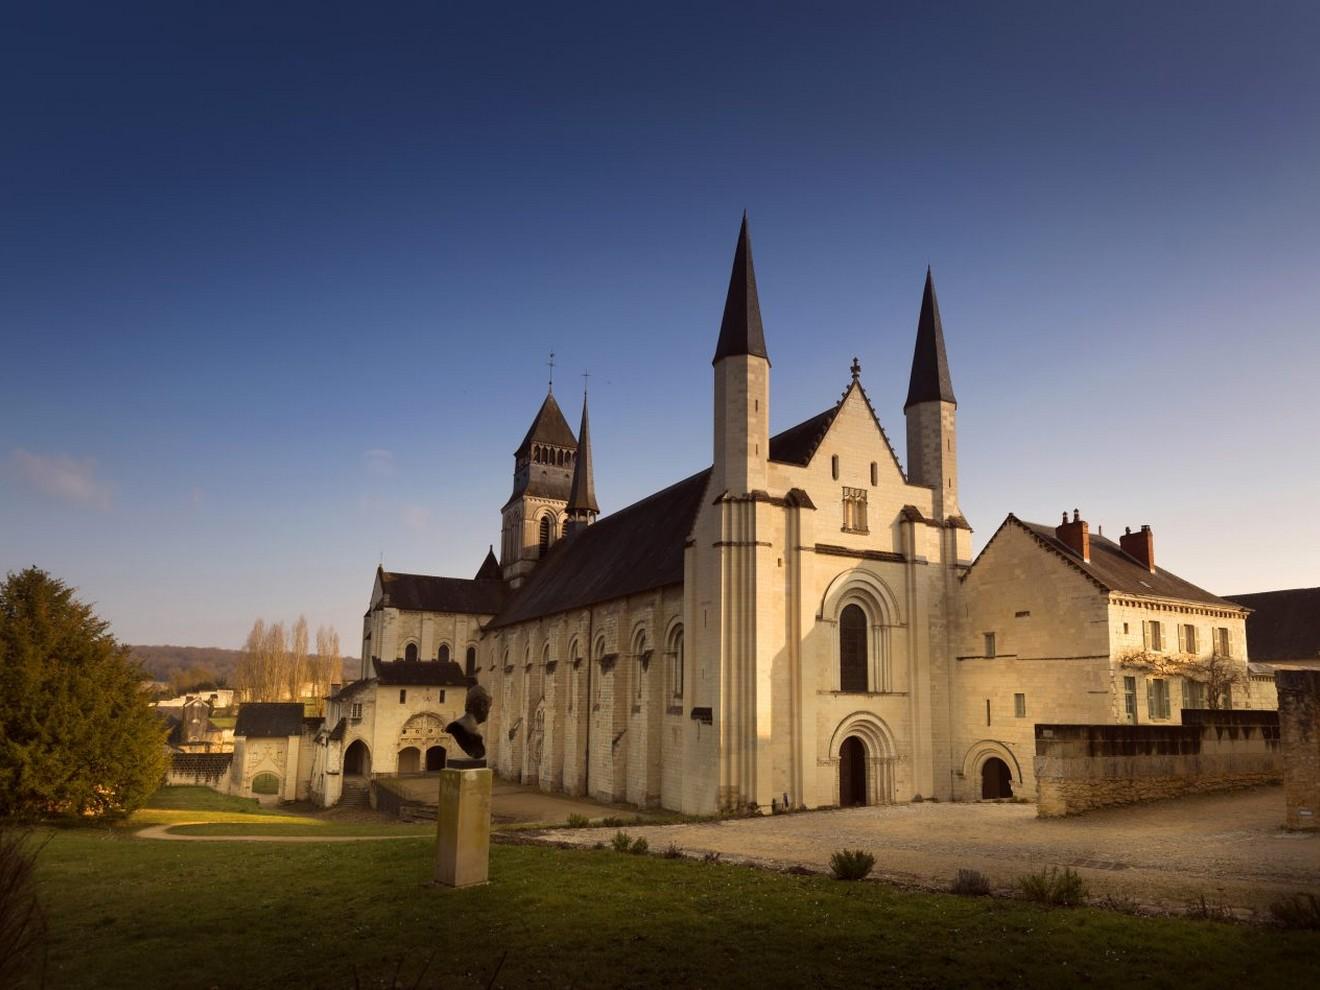 abbaye-royale-de-fontevraud-eglise-leonard-de-serres